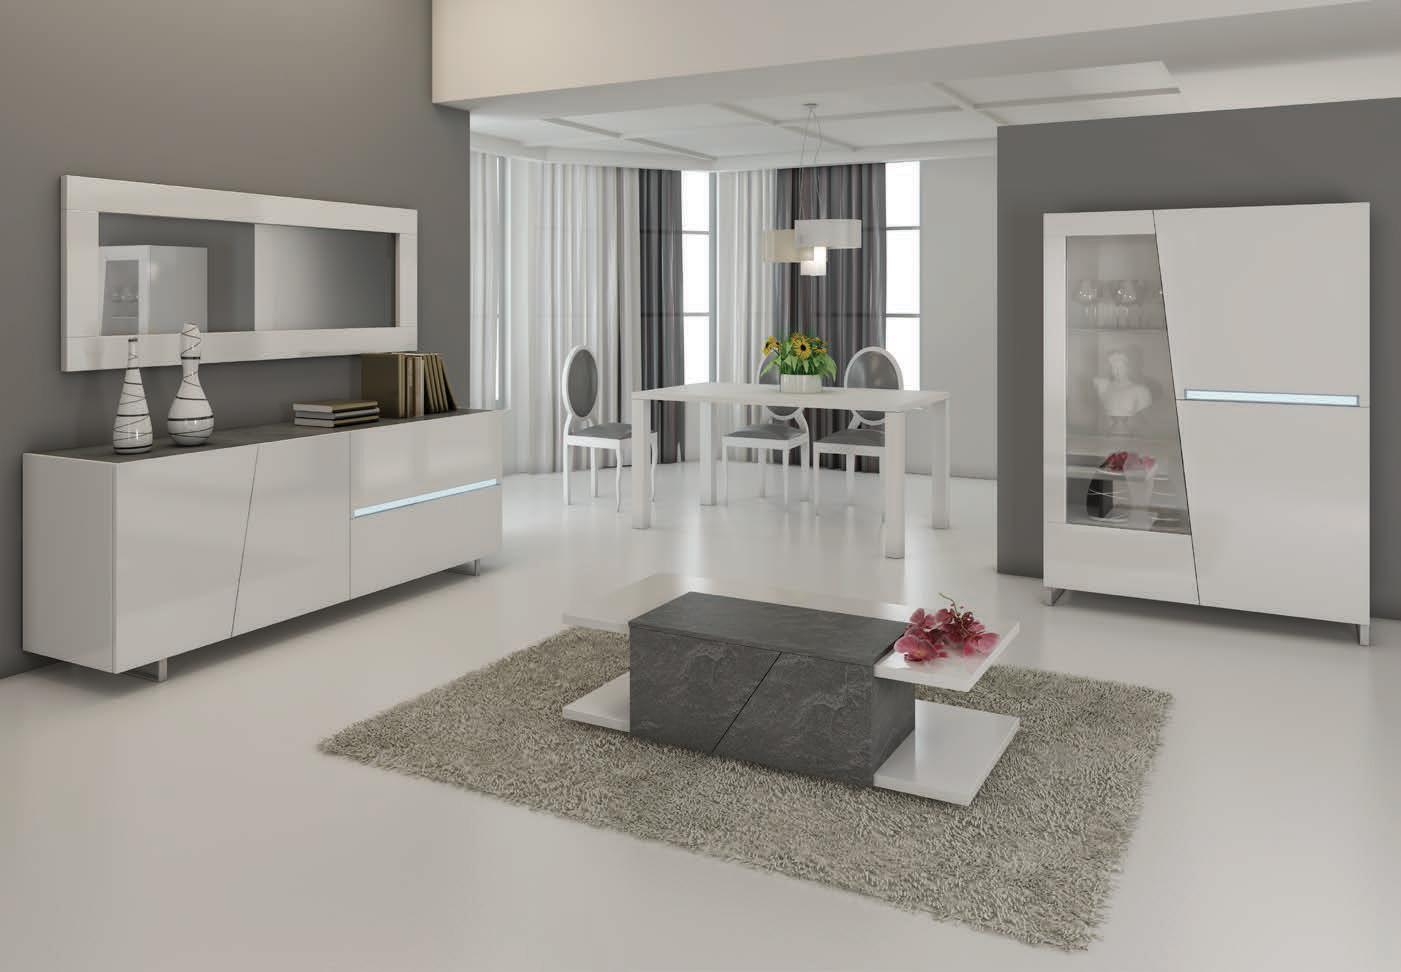 Stunning Mobili Sala Da Pranzo Moderni Ideas - Modern Home Design ...